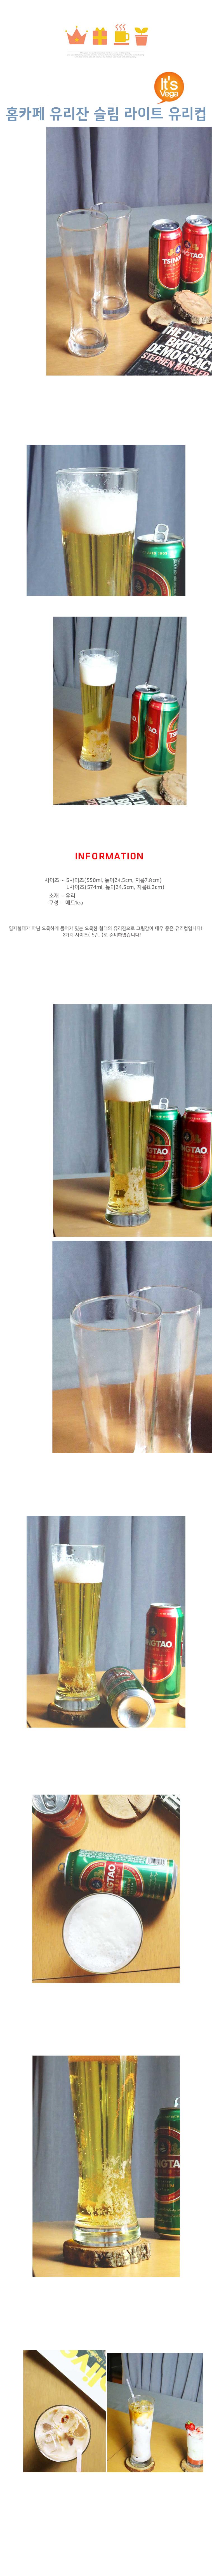 홈카페 유리잔 슬림 라이트 유리컵 - 베가, 15,000원, 유리컵/술잔, 유리컵